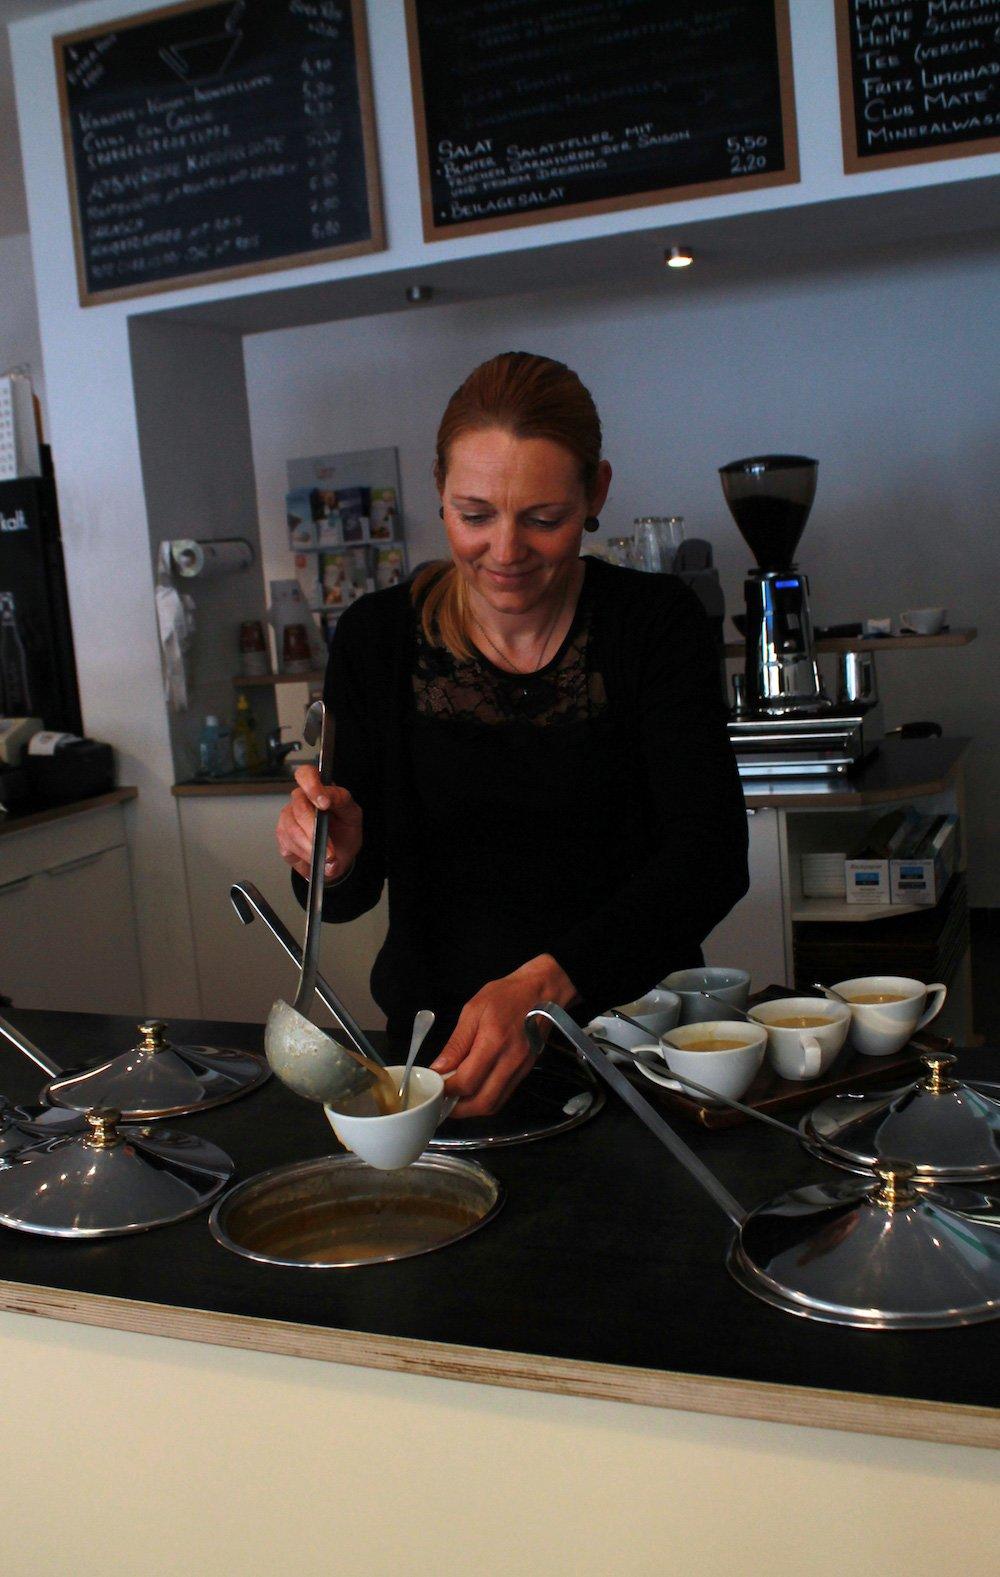 Mucbook: Gusto - leckere Suppenküche in München-Neuhausen. Weibliche Bedienung schöpft Suppe in eine Schale